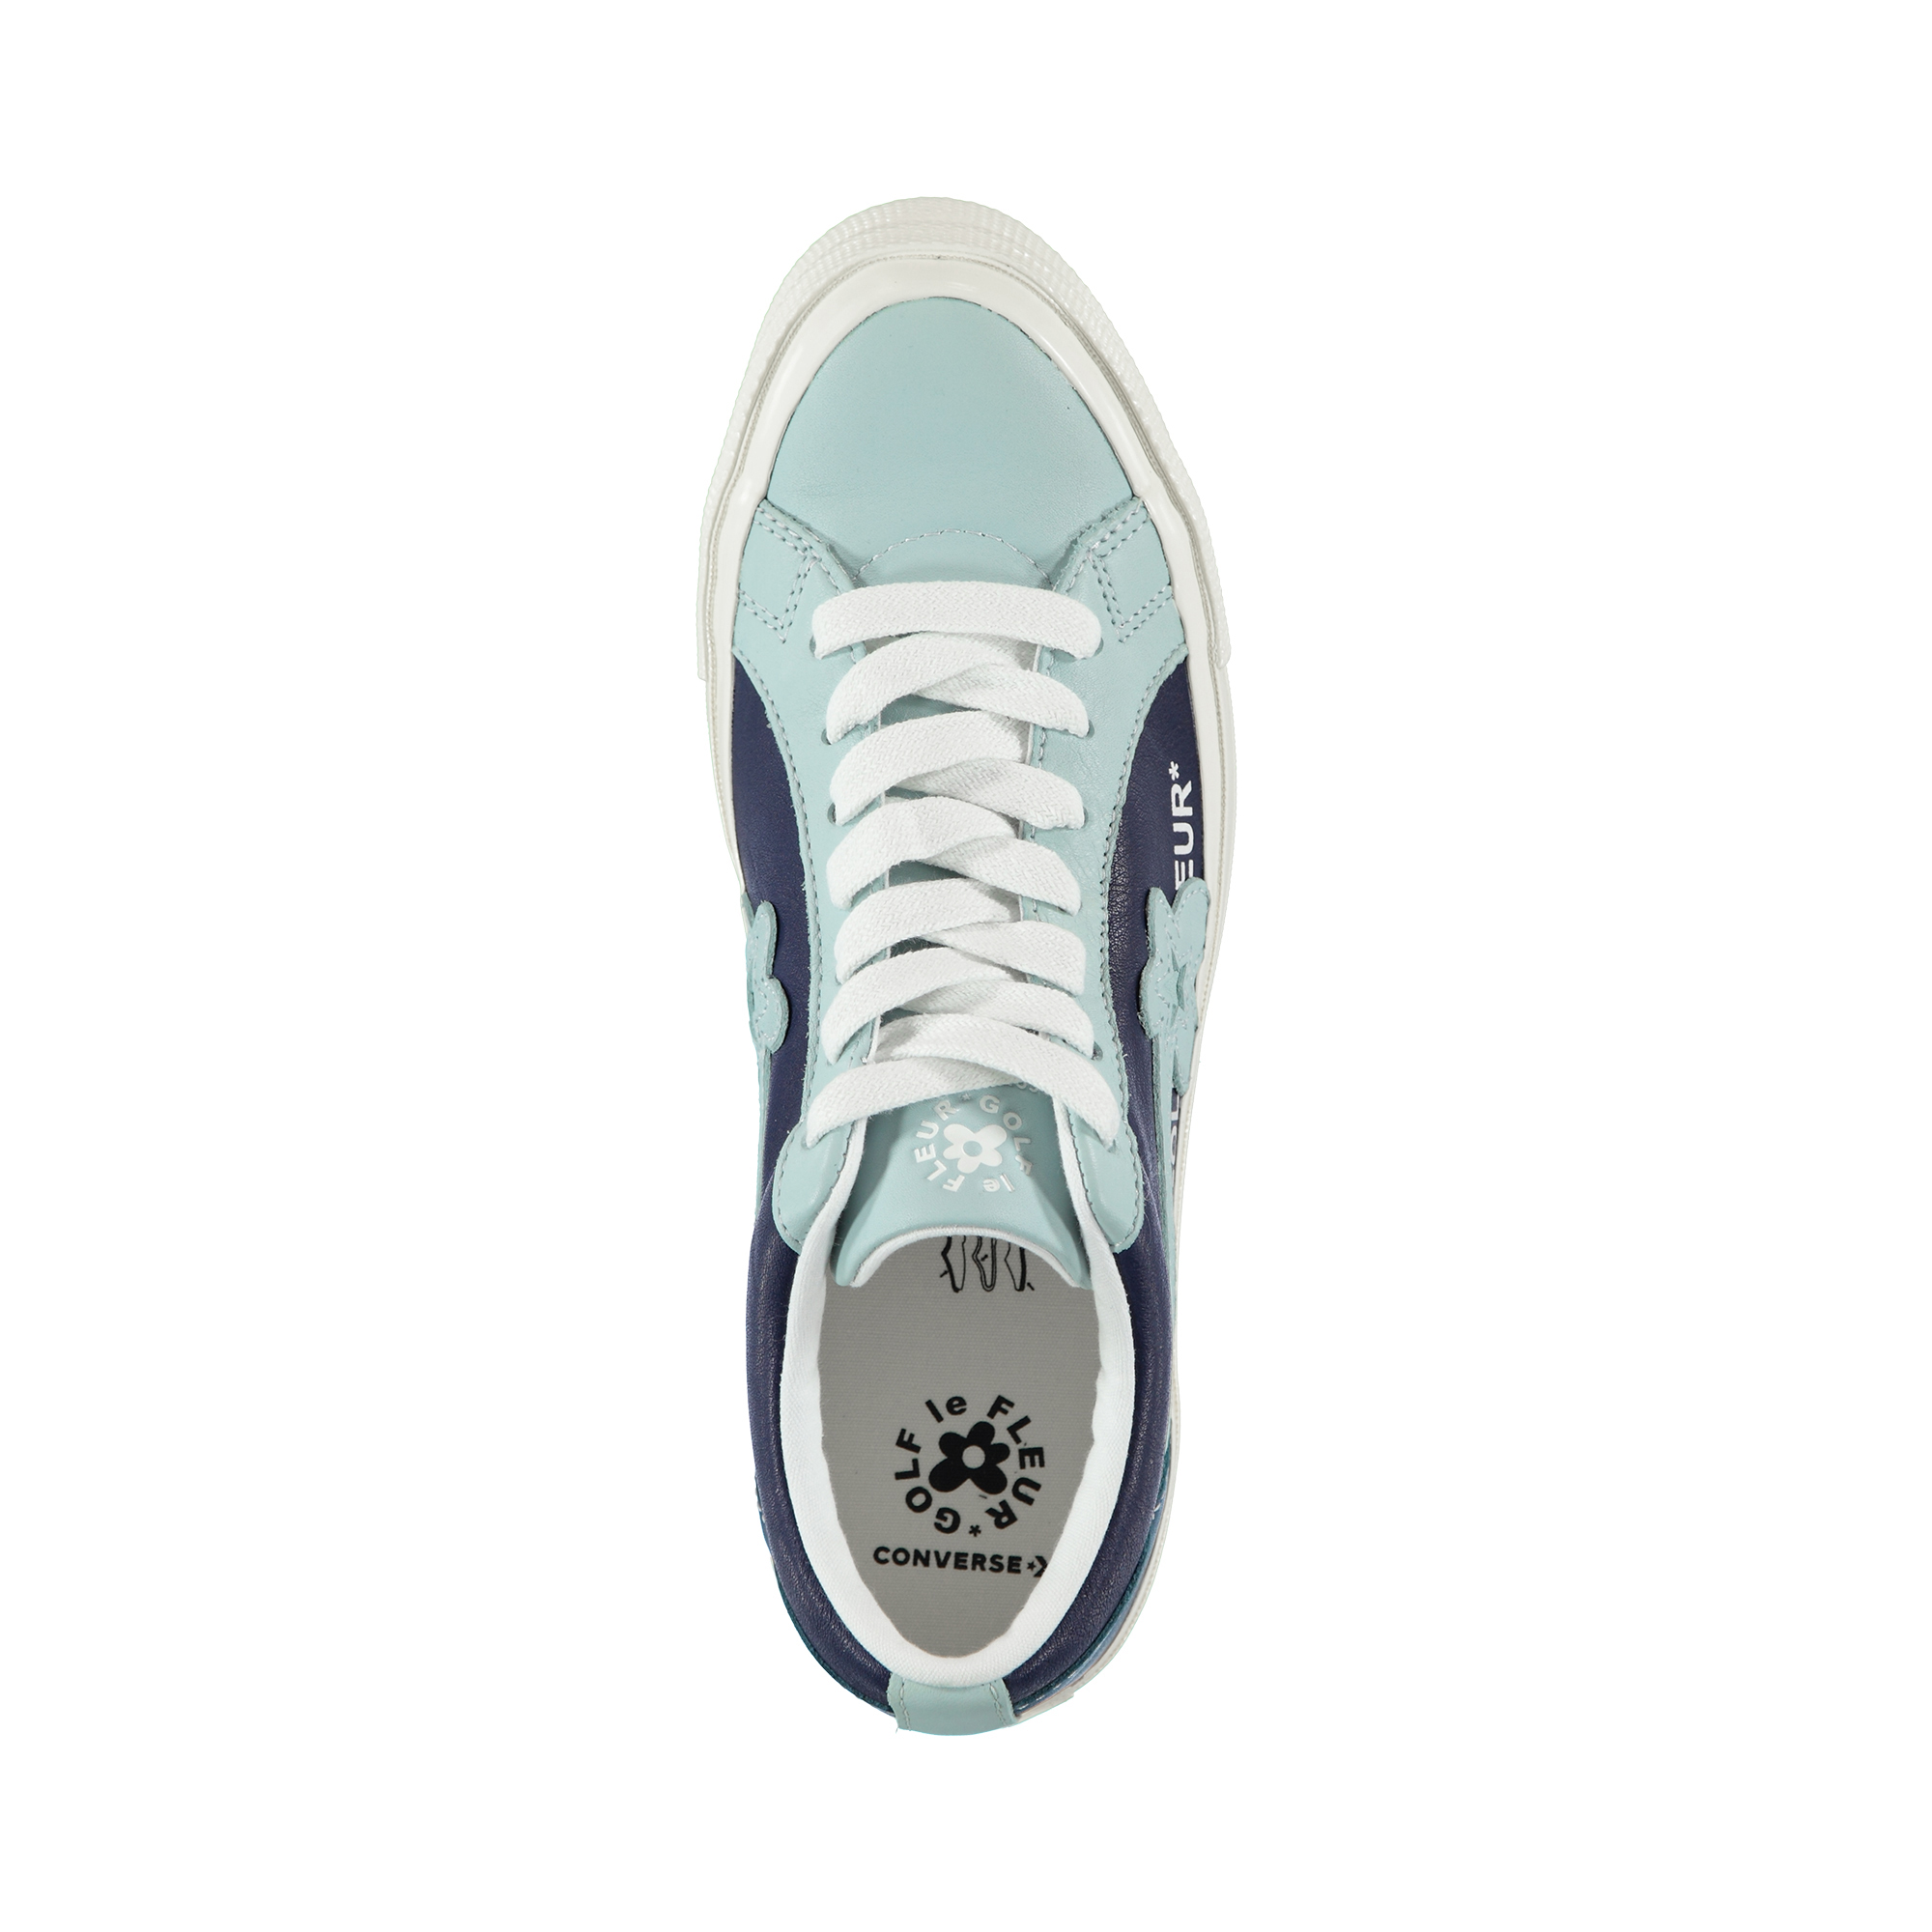 Converse Golf Le Fleur Unisex Lacivert Sneaker